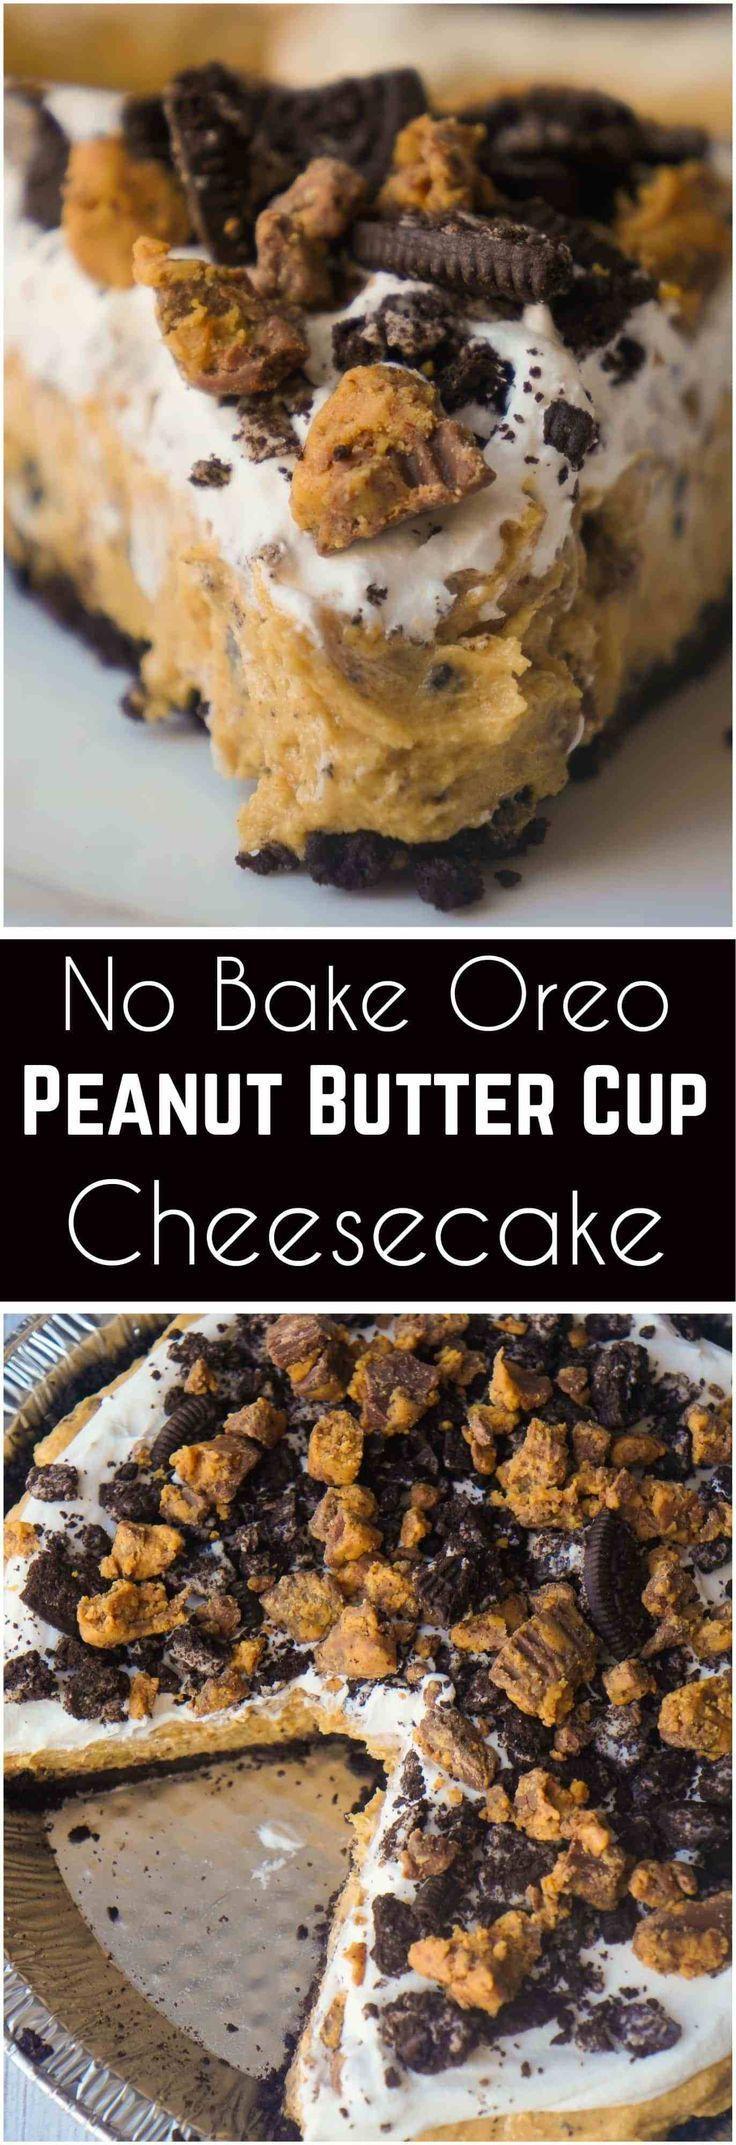 No Bake Oreo Erdnussbutter Cup Cheesecake ist ein …